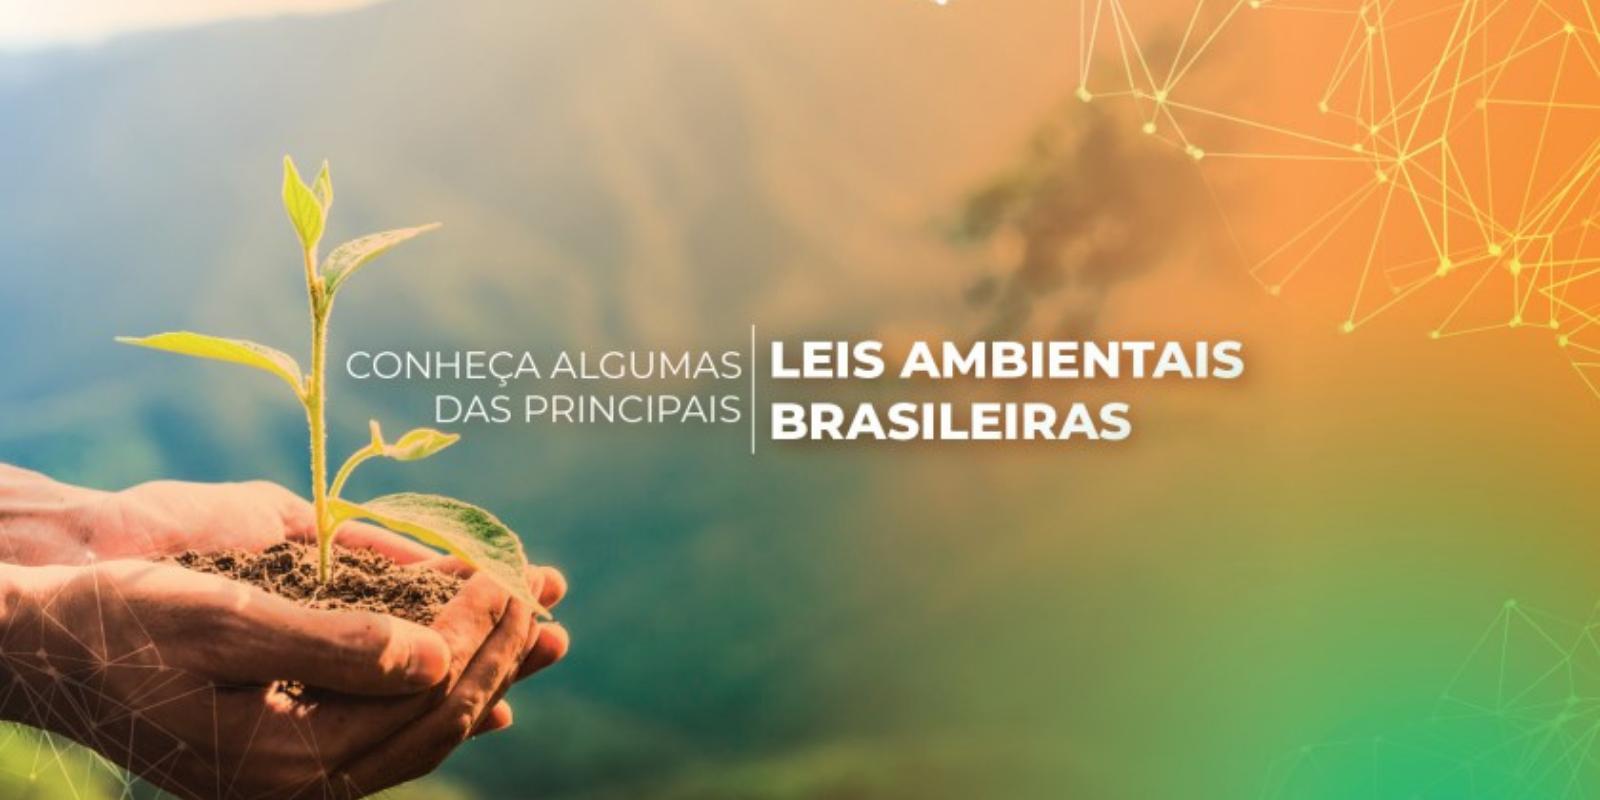 Imagem: Principais leis ambientais brasileiras